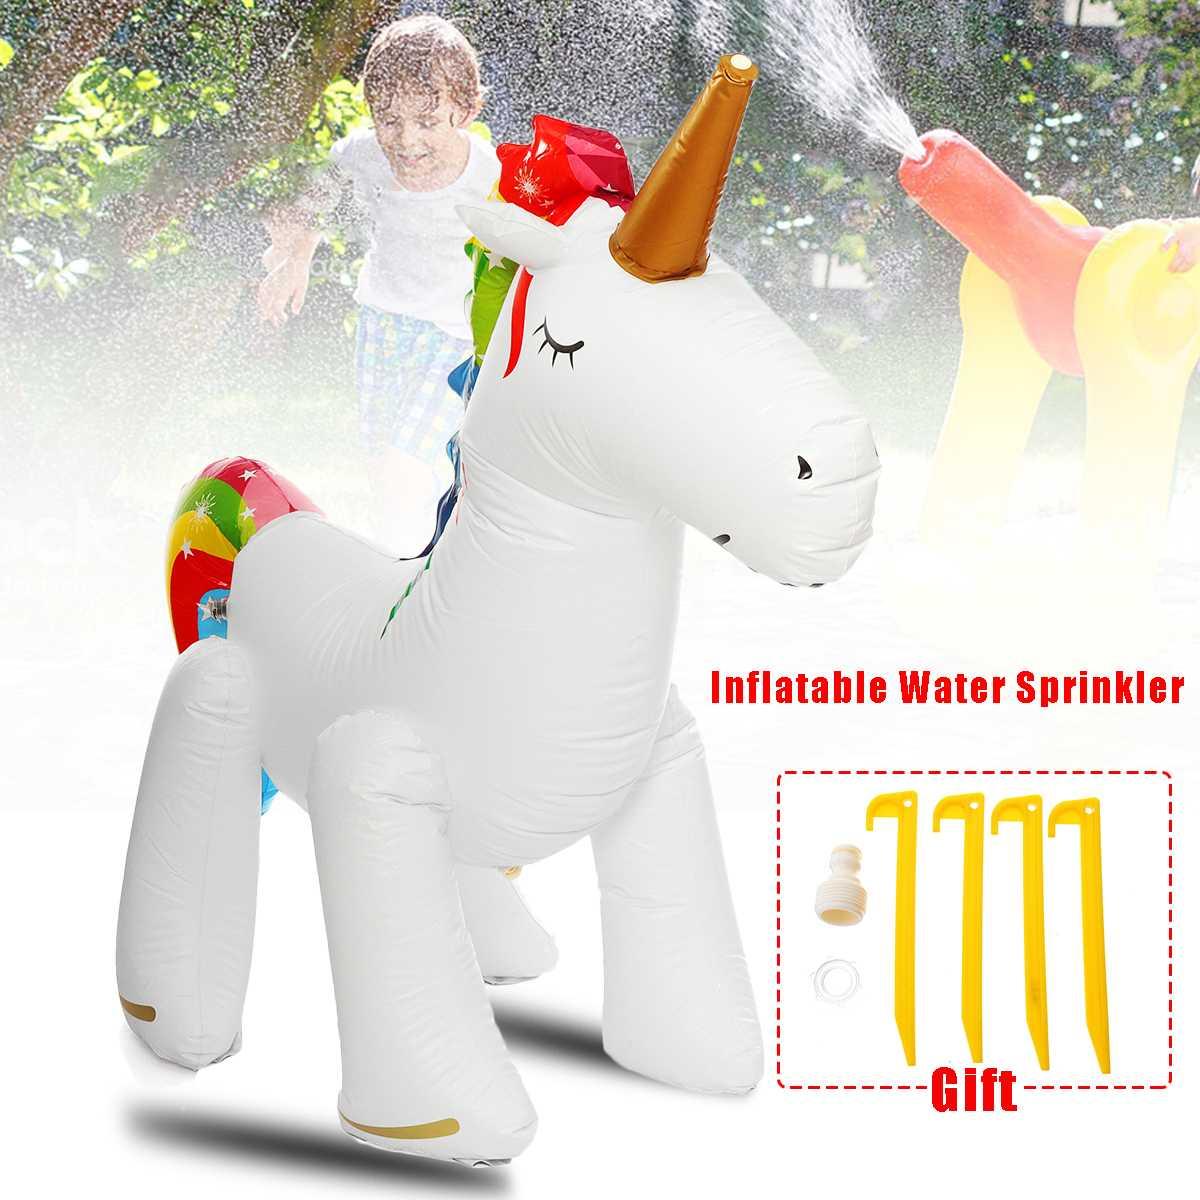 Arroseur d'eau jouet enfants en plein air amusant été Splash tuyau gonflable Unicornn jouer Yard été arroseur jouet plage balle pulvérisation pelouse